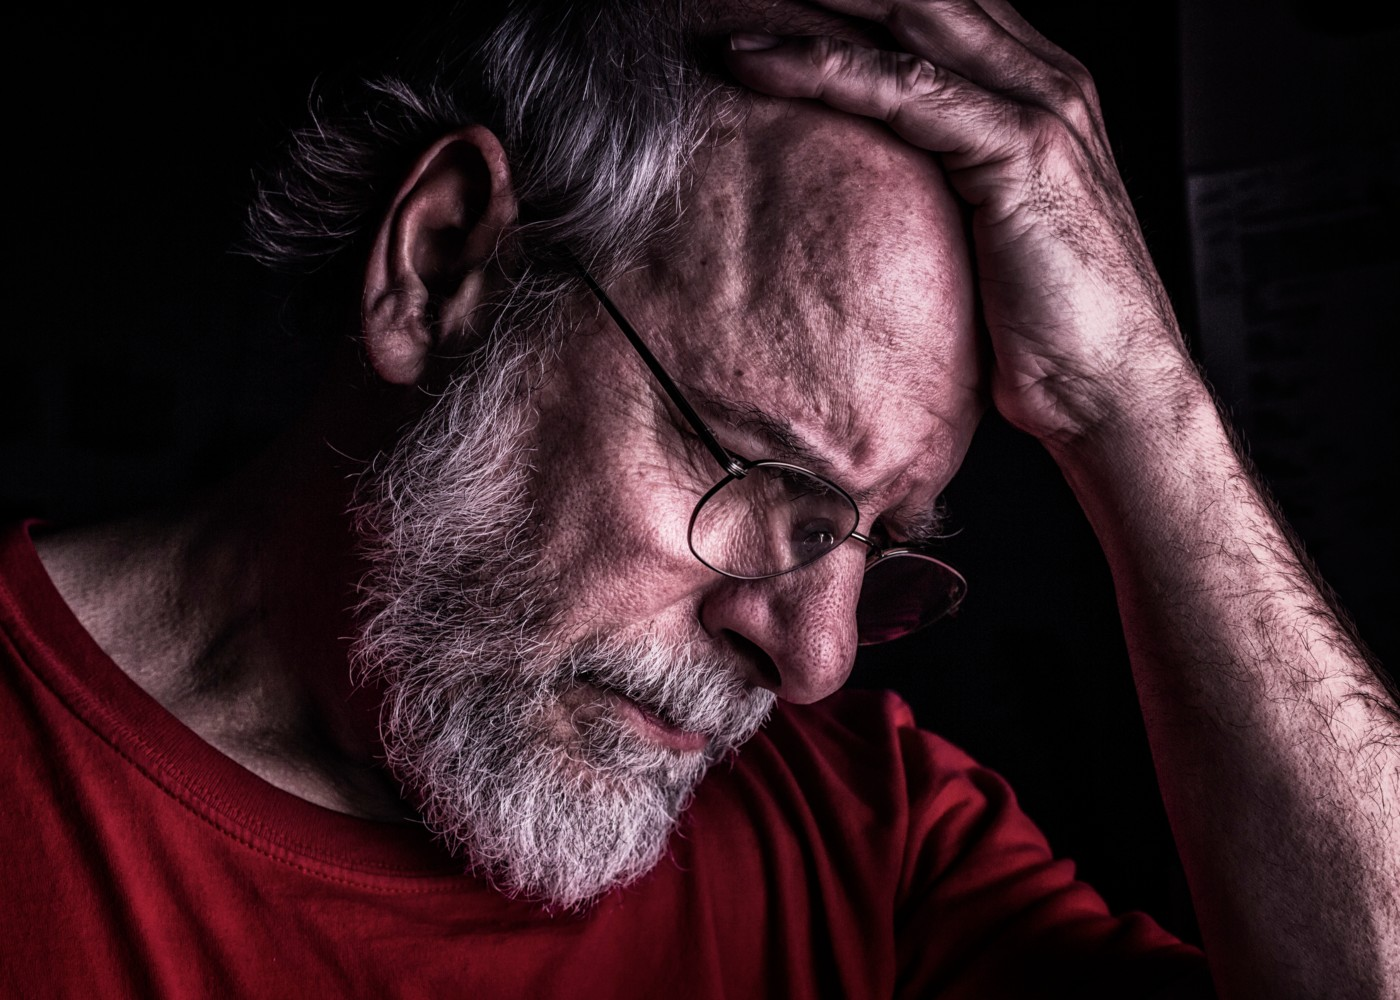 homem com demencia